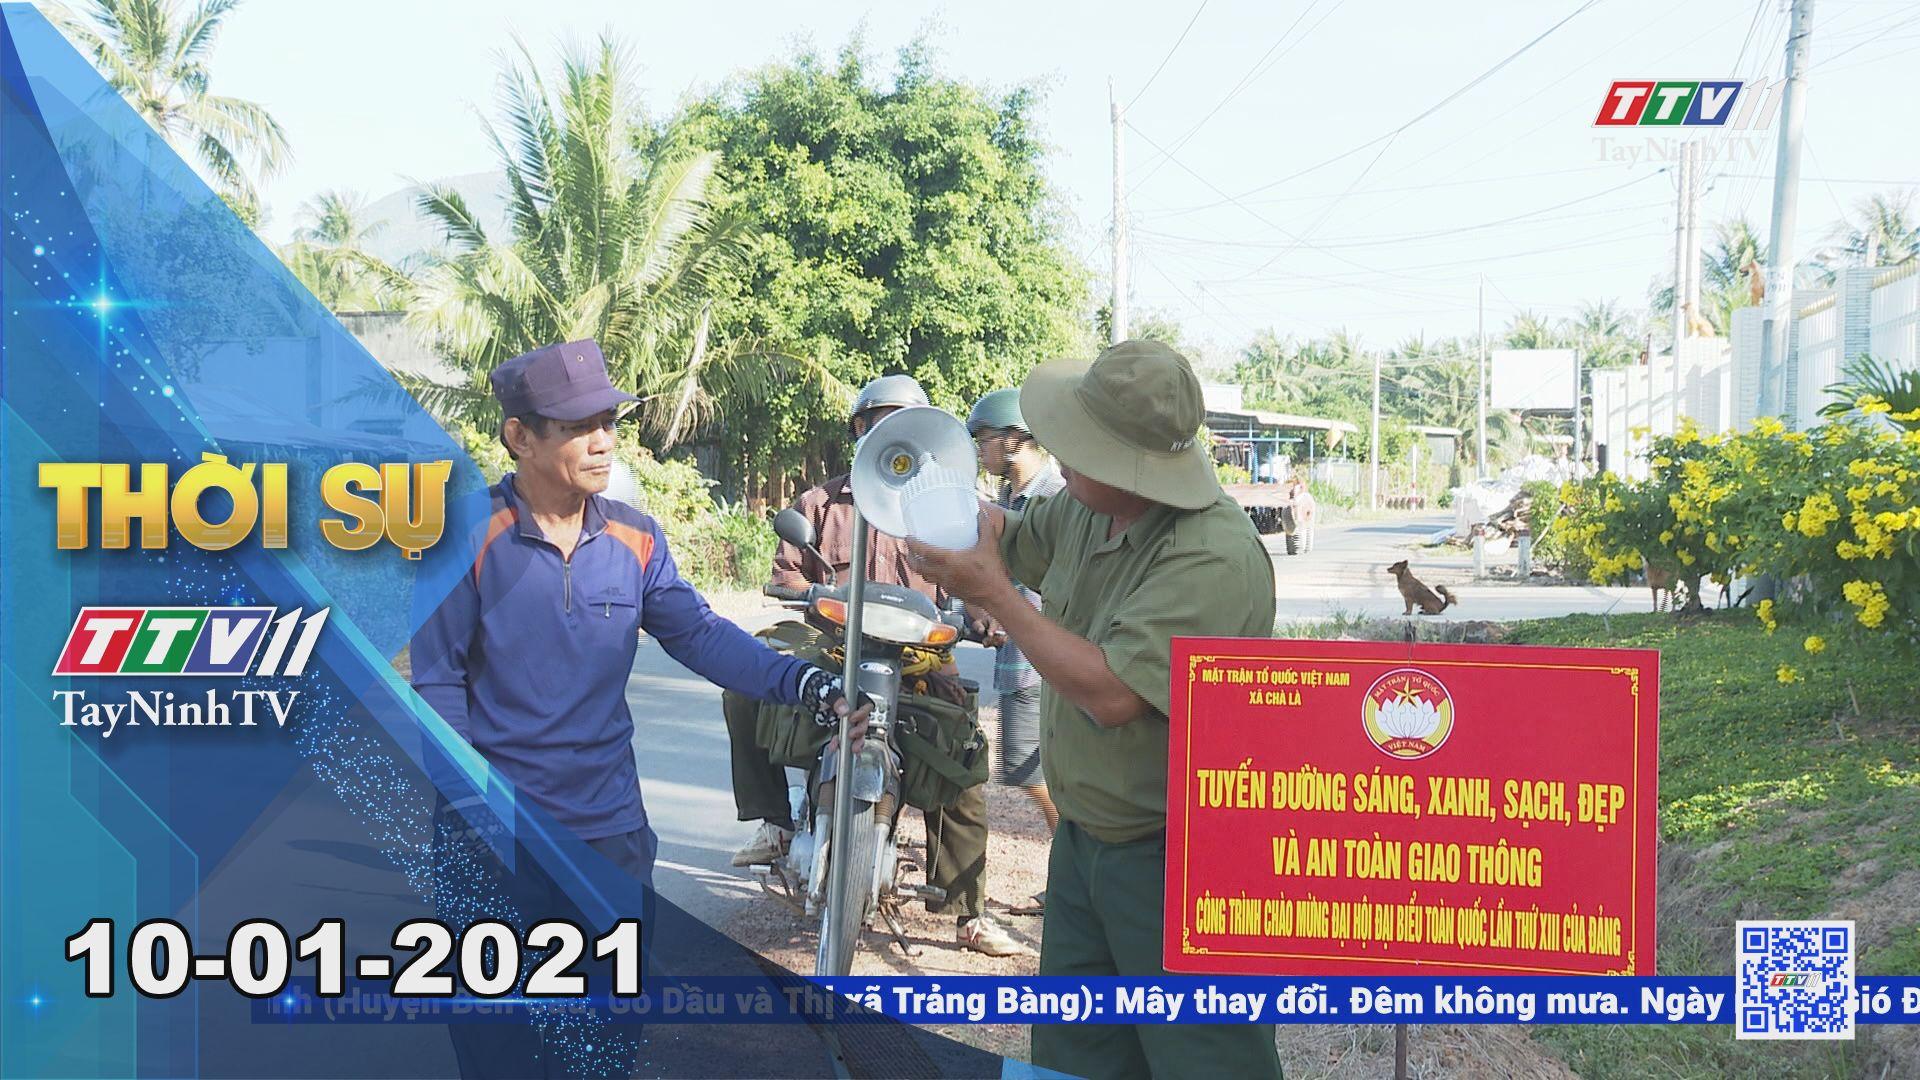 Thời sự Tây Ninh 10-01-2021 | Tin tức hôm nay | TayNinhTV